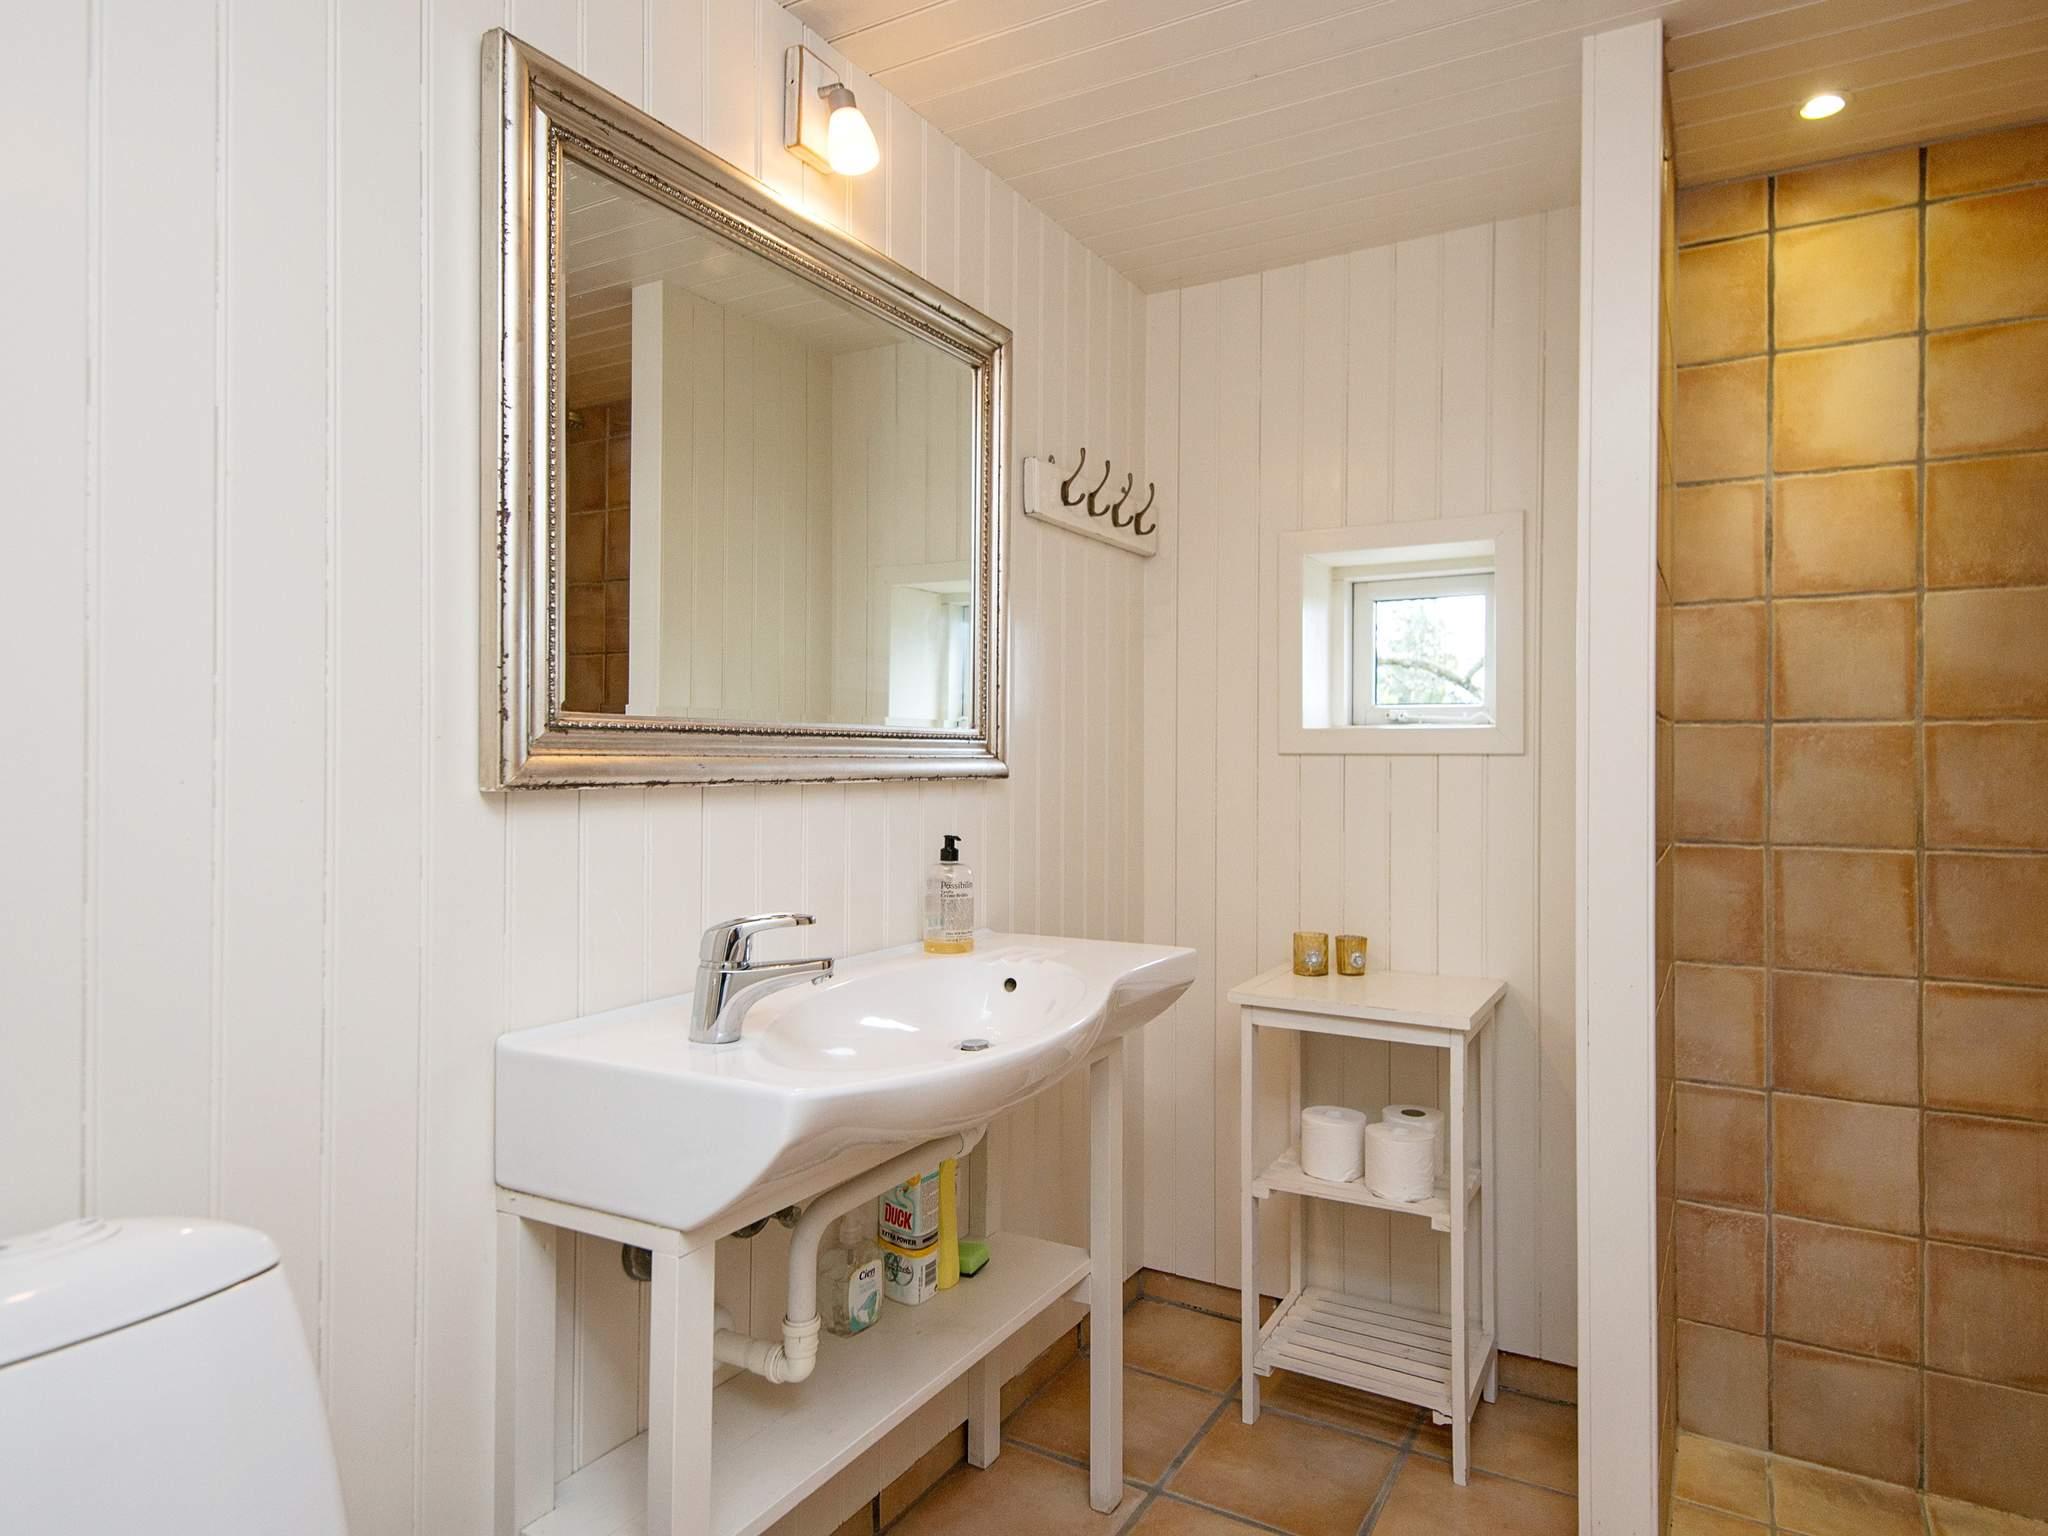 Ferienhaus Binderup Strand (607200), Binderup, , Südostjütland, Dänemark, Bild 12